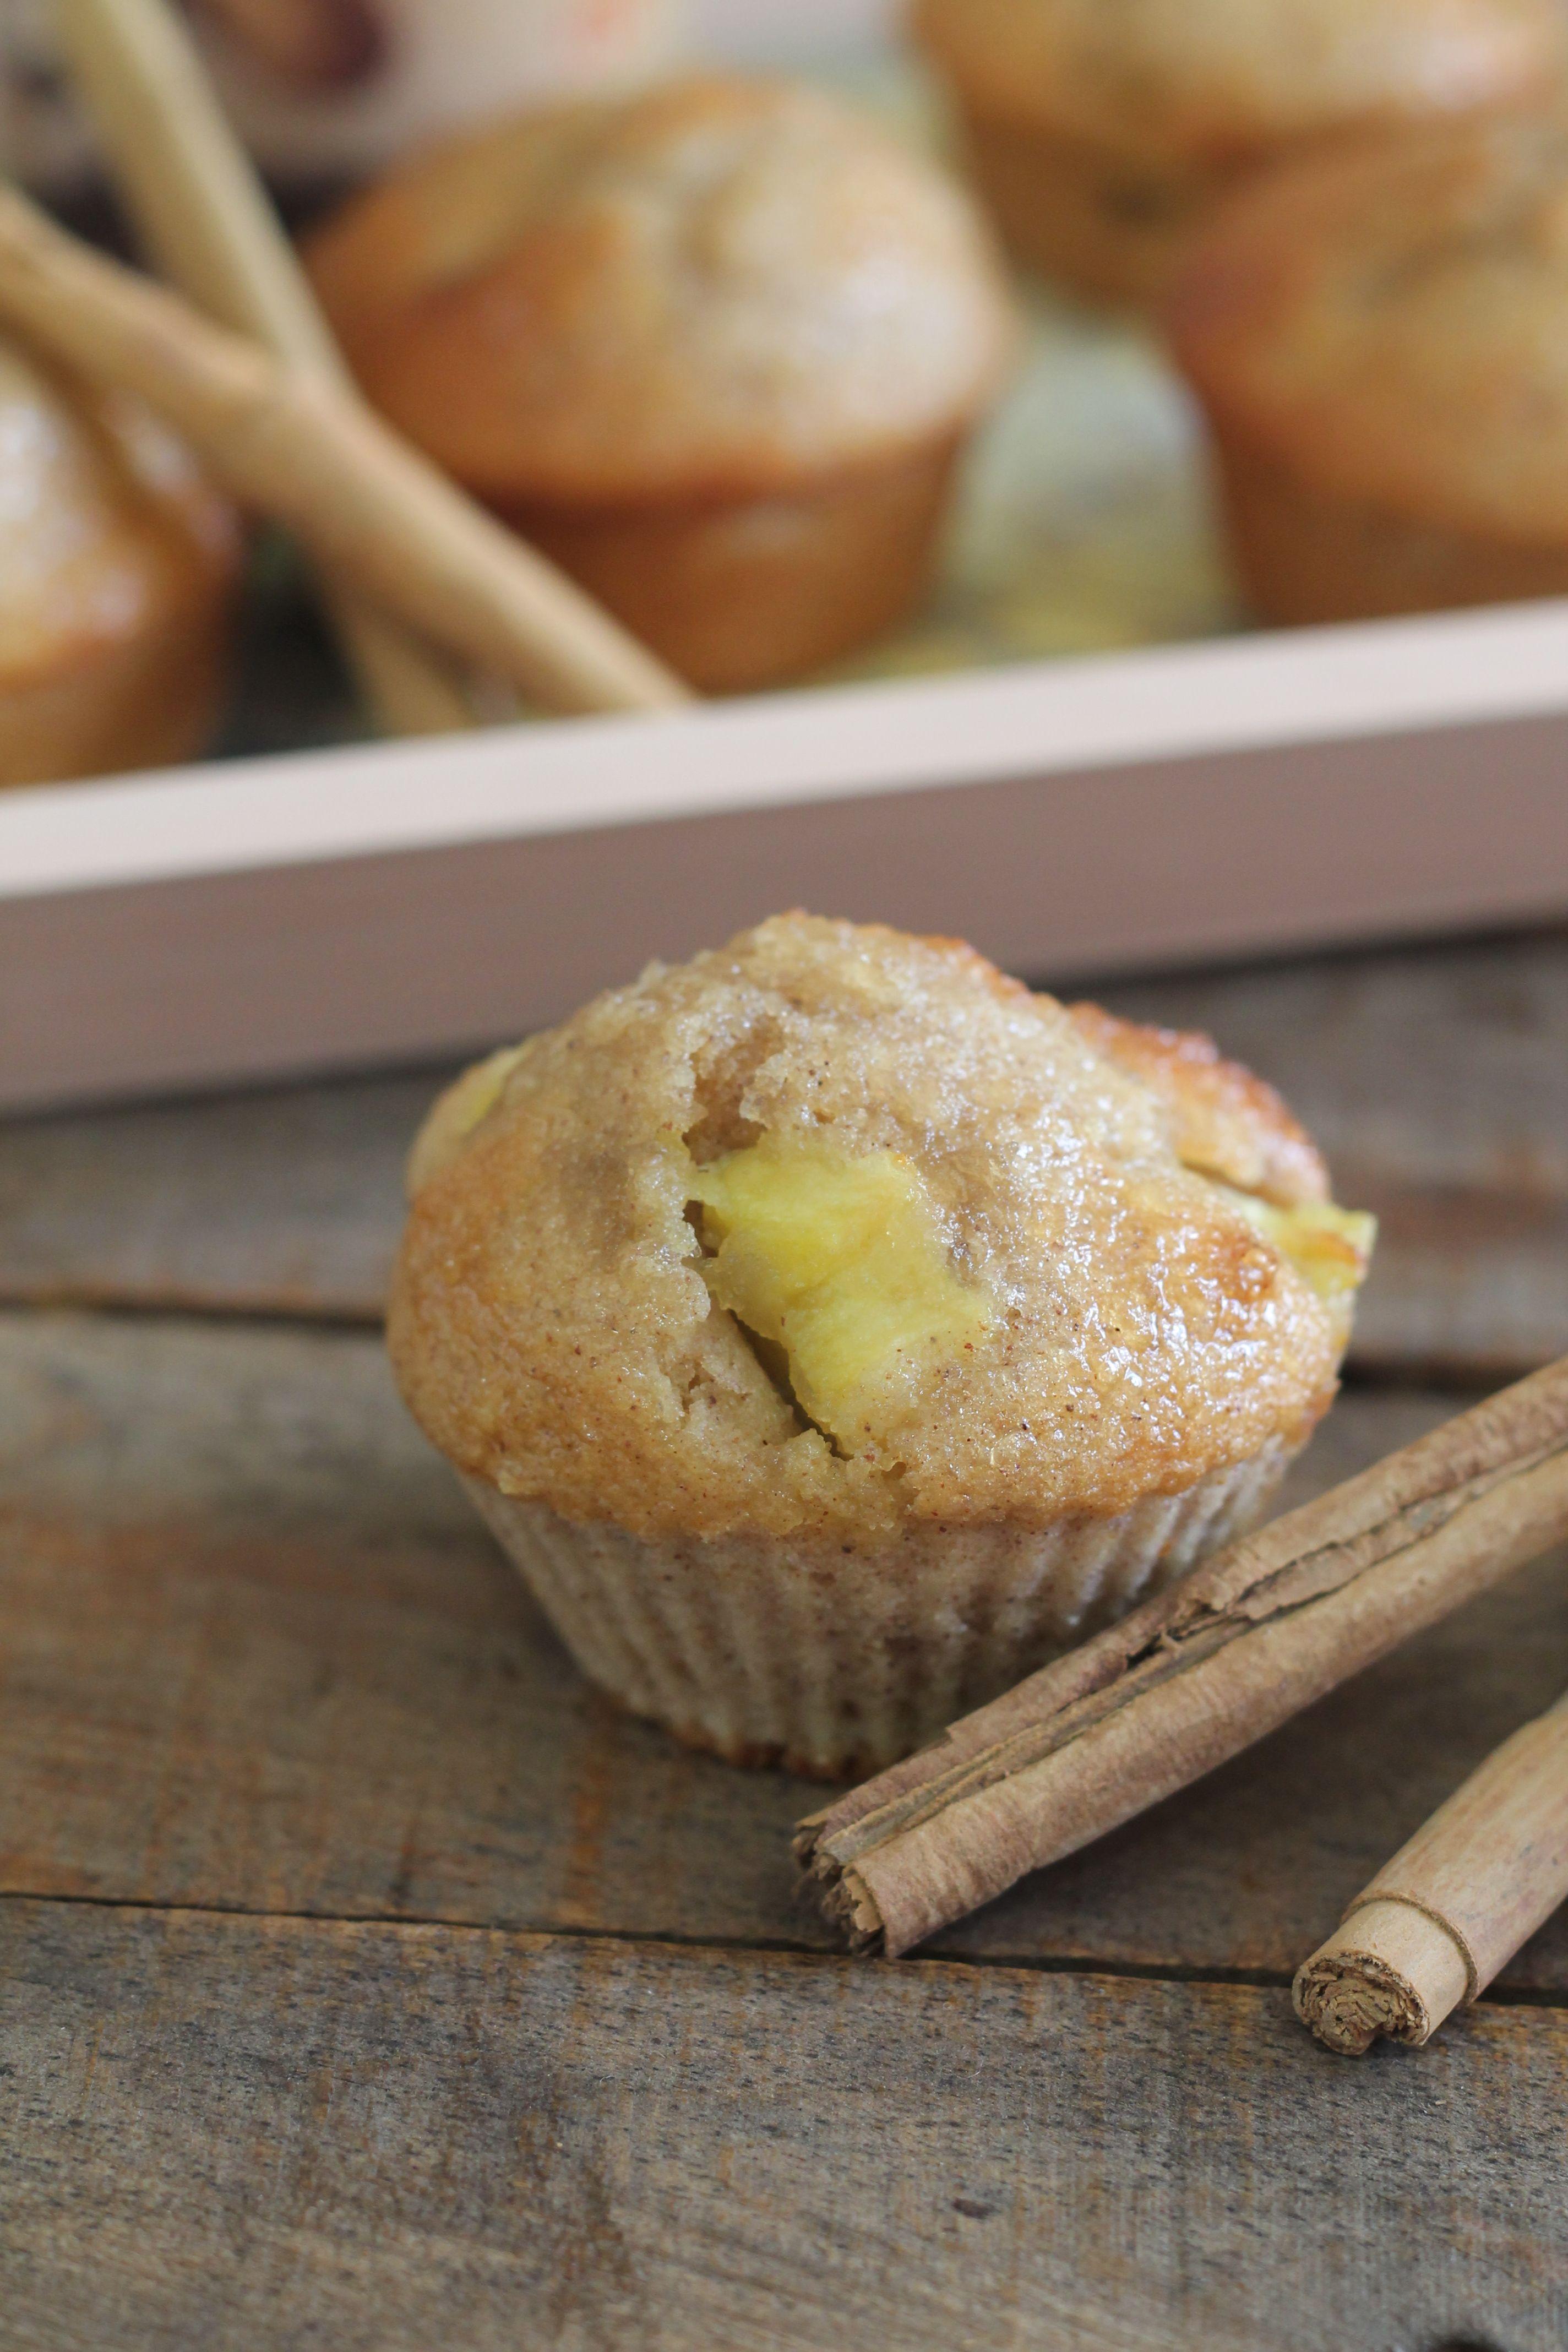 Muffins de Manzana http://cakesparati.blogspot.com.es/2013/11/muffins-de-manzana.html